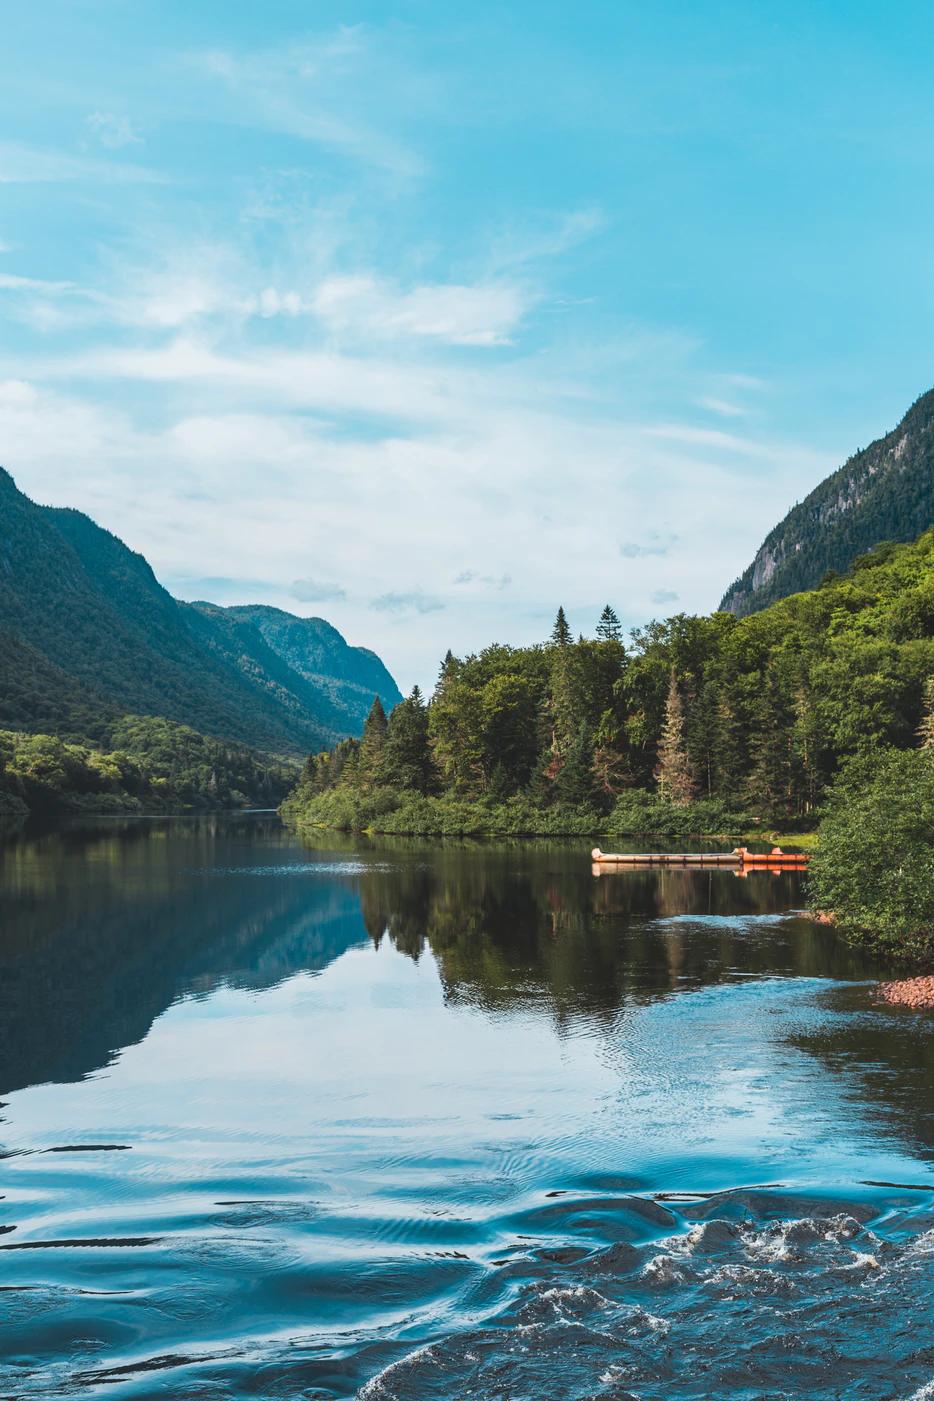 le parc national de la Jacques-Cartier vue de l'eau des forêts